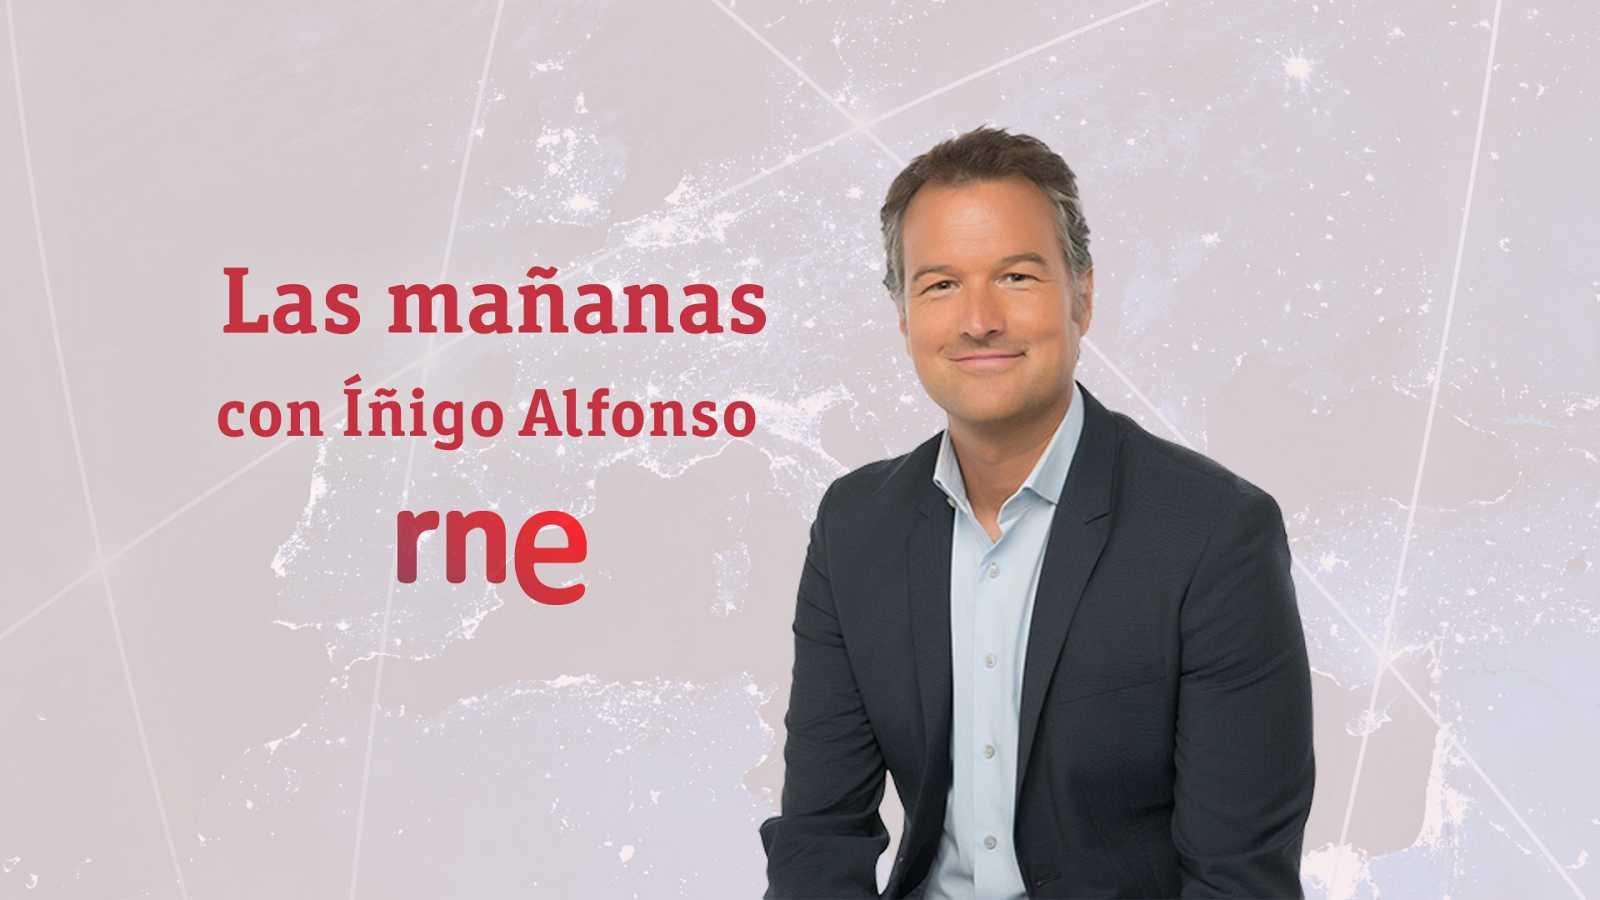 Las mañanas de RNE con Íñigo Alfonso - Segunda hora - 01/12/20 - escuchar ahora